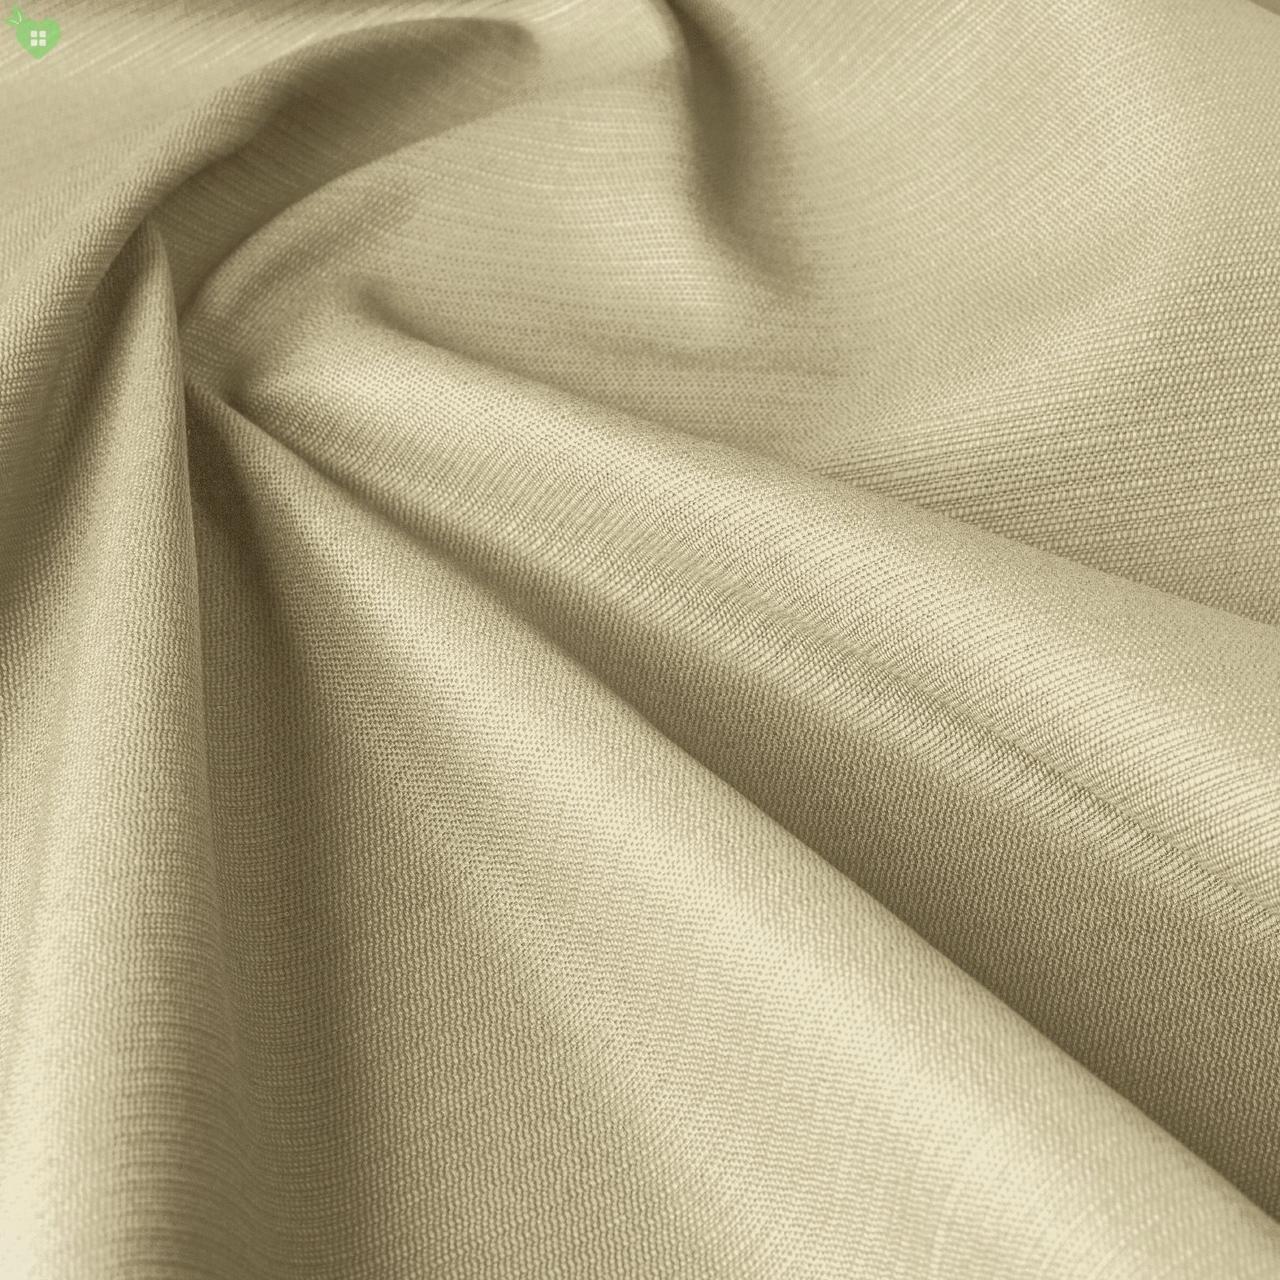 Уличная ткань с фактурой бежевого цвета для садовой беседки 84262v3